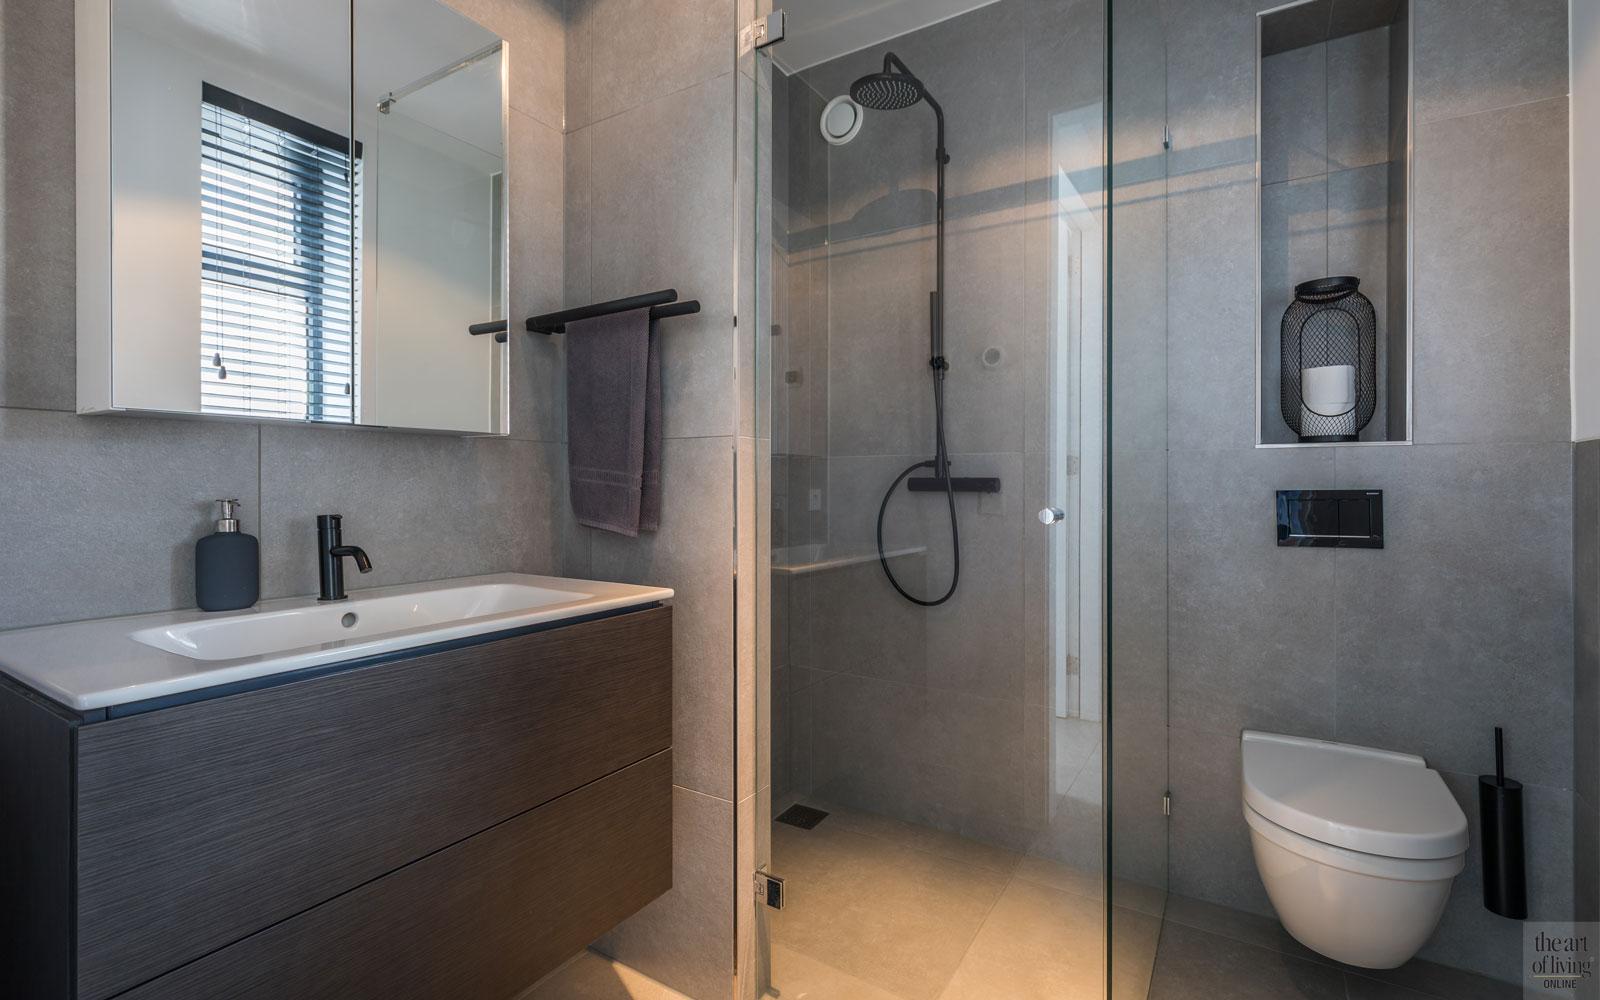 Badkamer, sanitair, wastafel, inloopdouche, regendouche, strakke tweekapper, kabaz, C. van der Grift